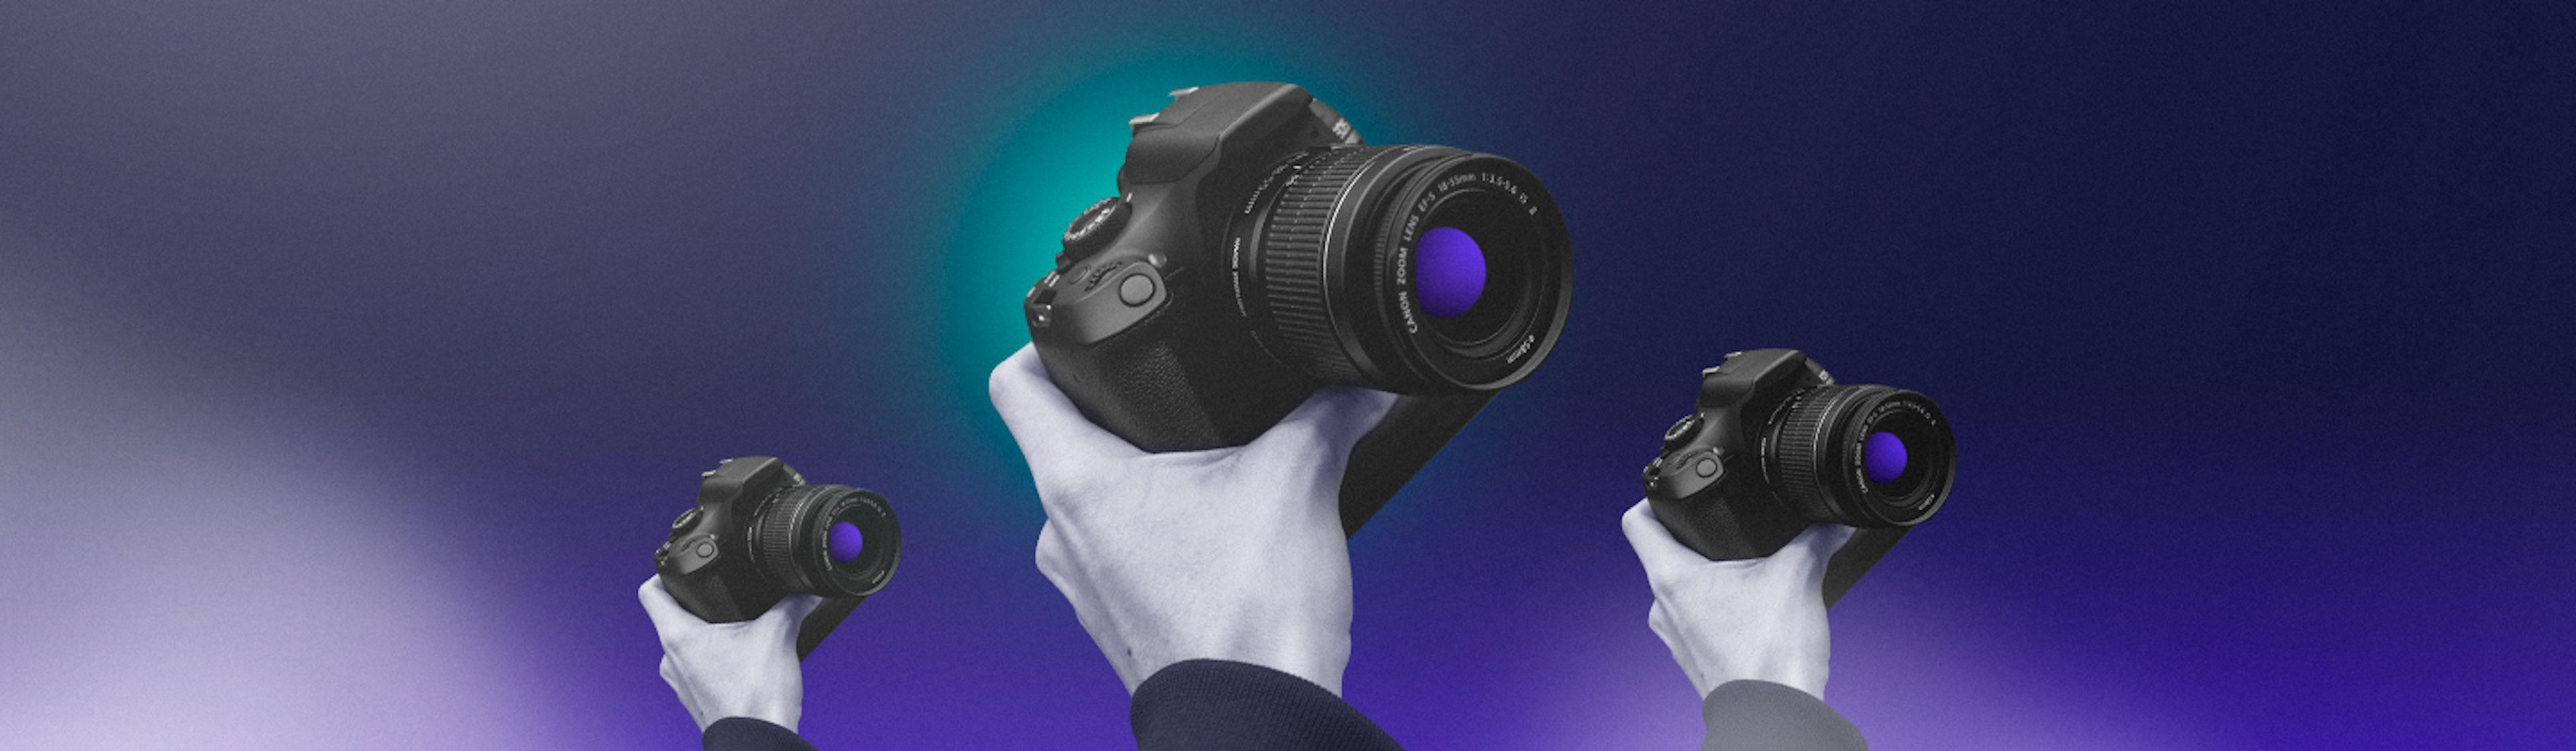 ¿Sabes qué es la fotografía digital? Te lo contamos en esta nota